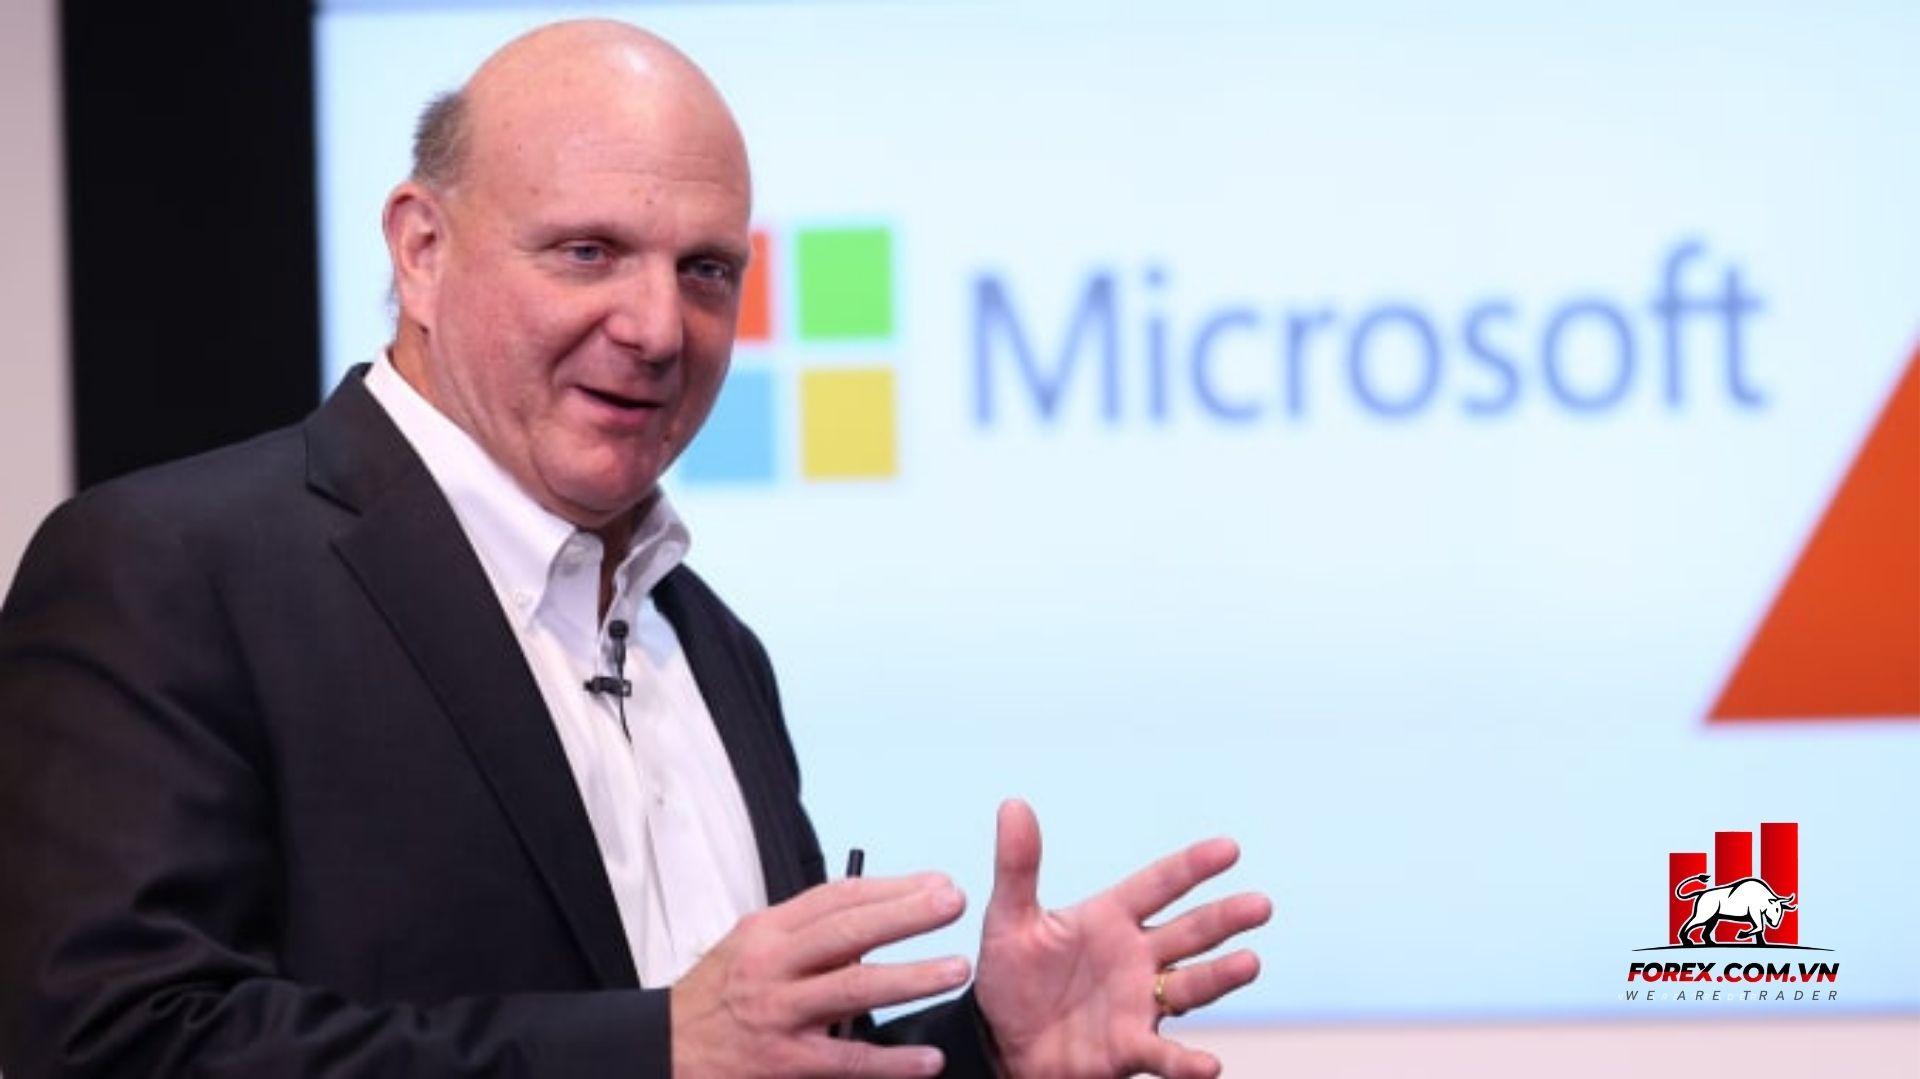 cựu giám đốc điều hành của Microsoft - Steve Ballmer